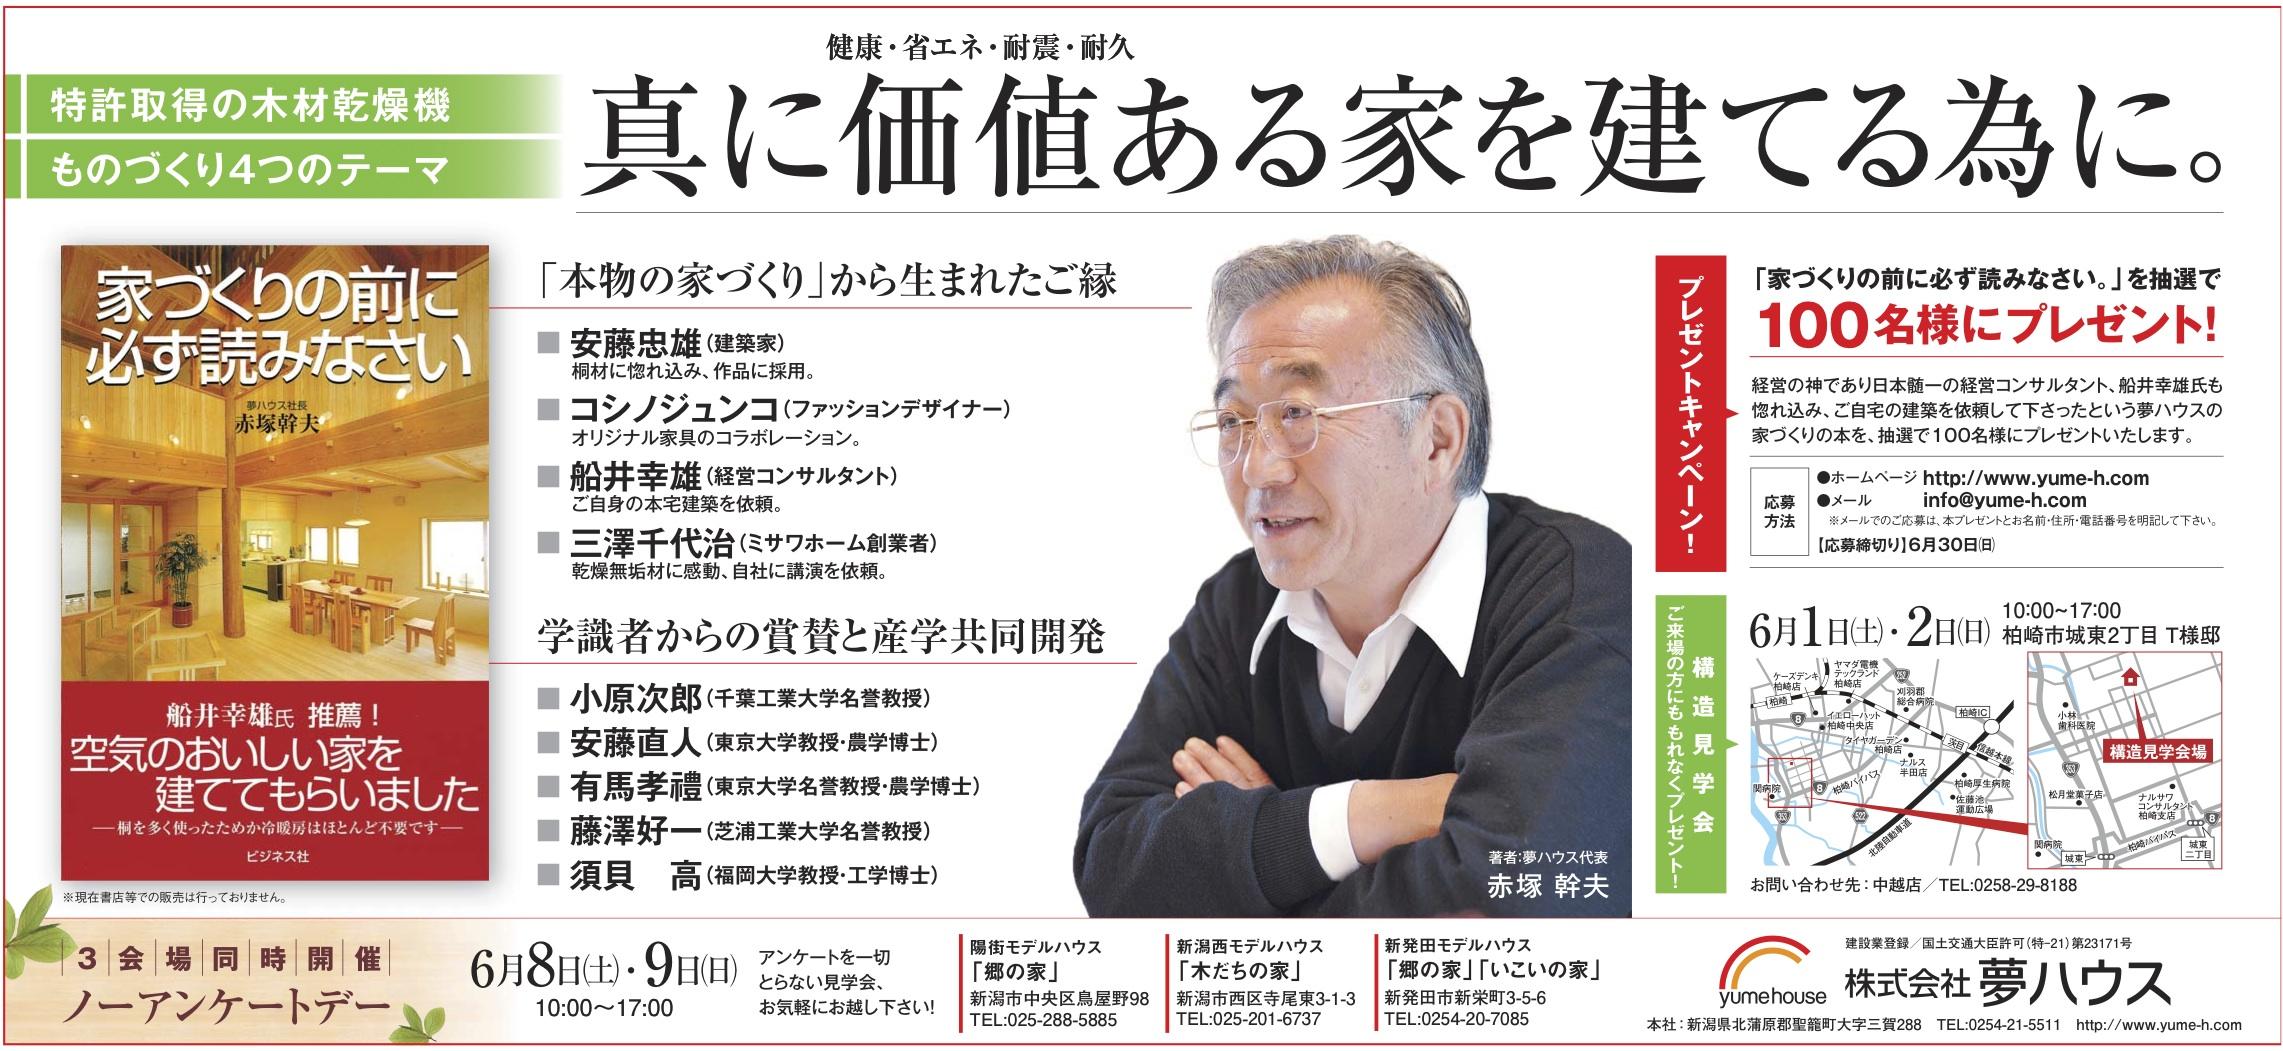 6月1日新潟日報プレゼントキャンペーン